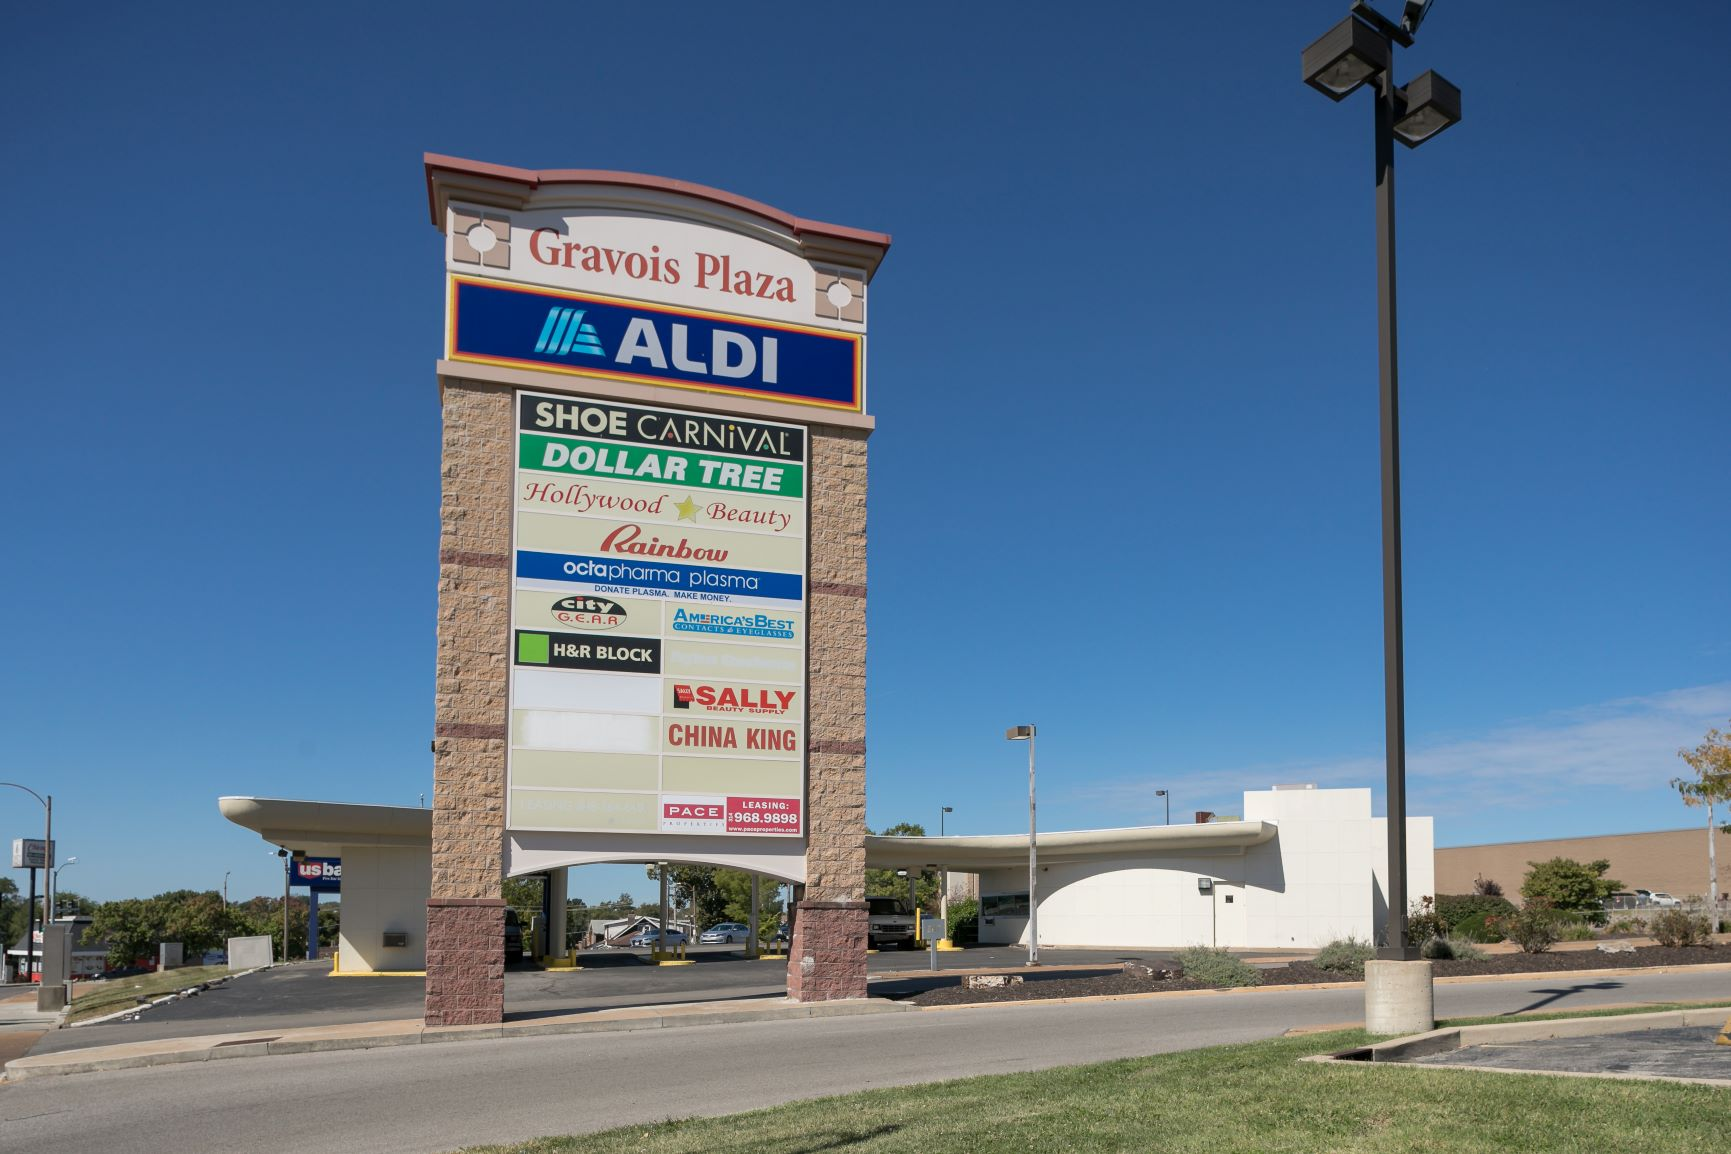 Gravois Plaza - sign